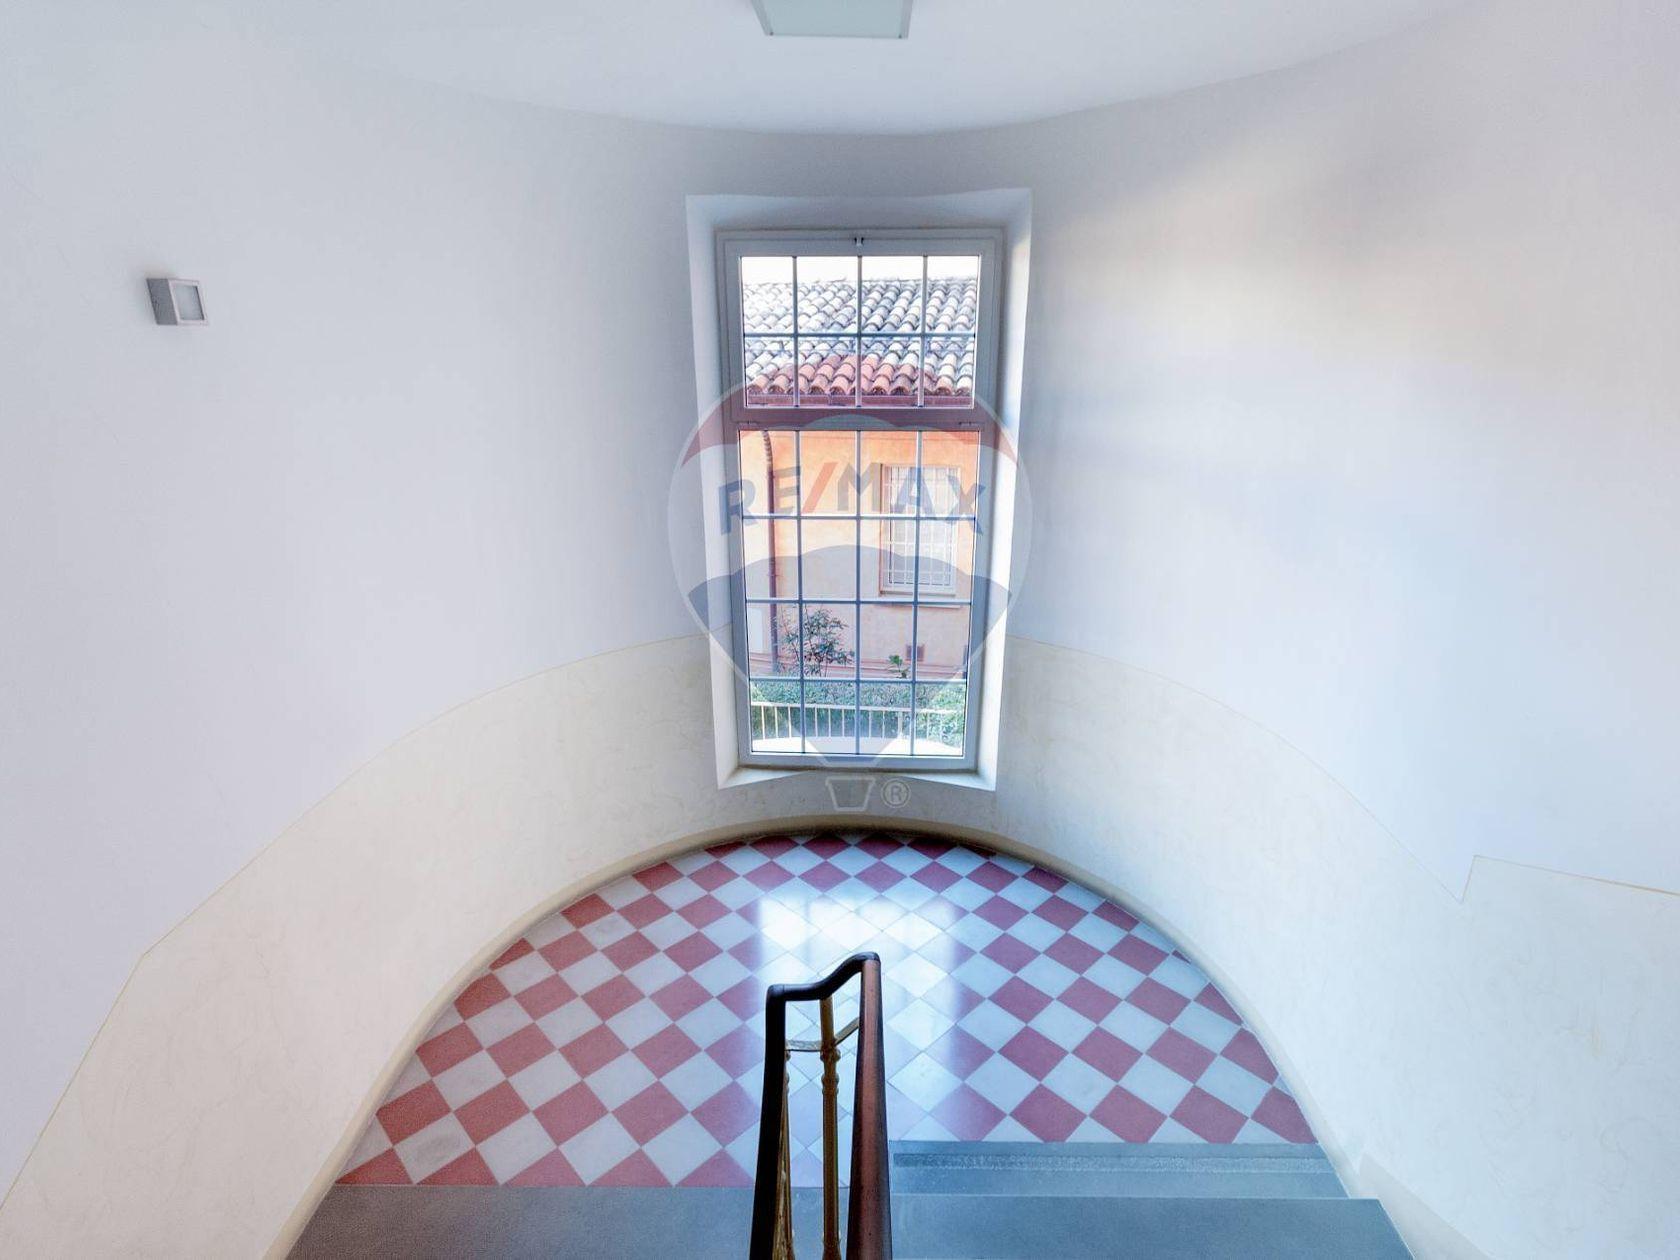 Appartamento Zona Centro Storico, San Giovanni in Persiceto, BO Vendita - Foto 5